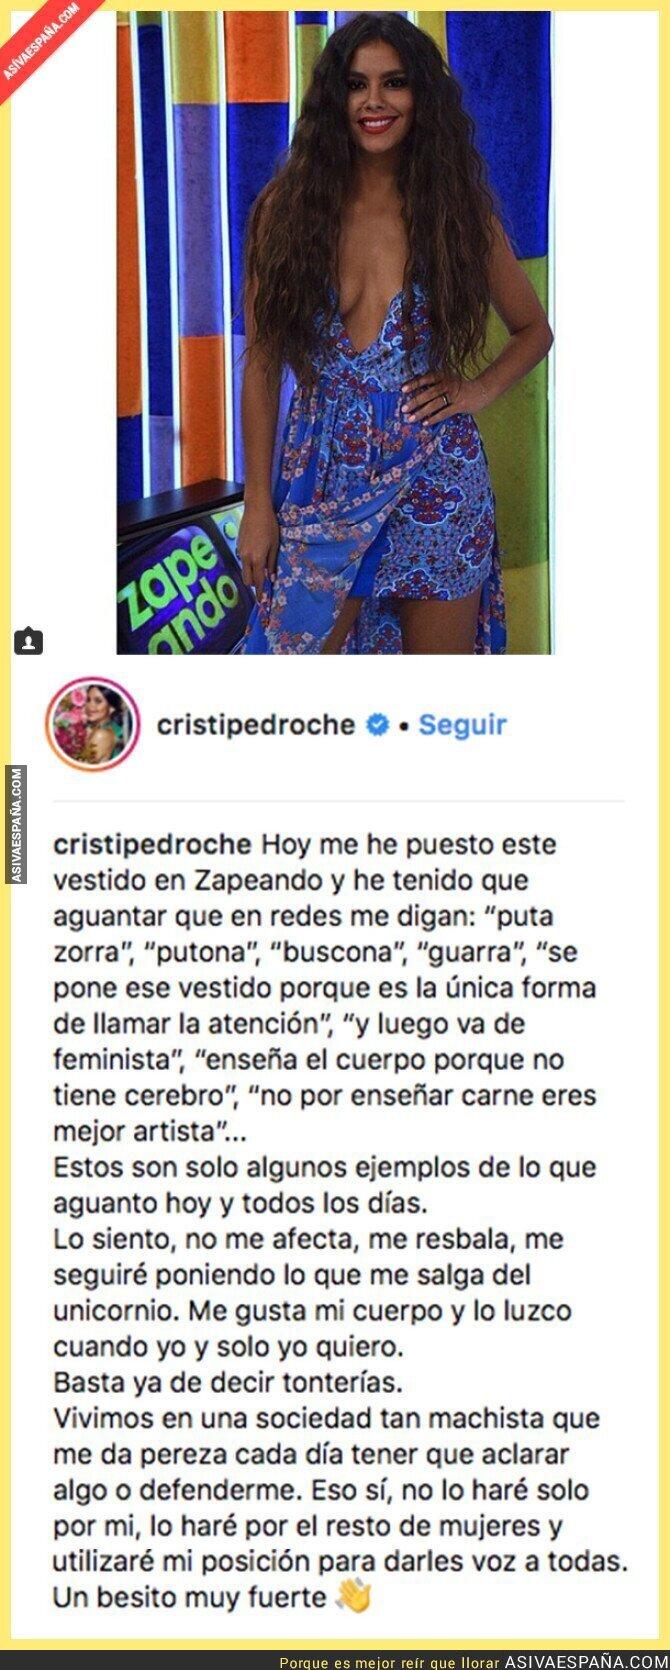 89581 - Los tremendos insultos que ha recibido Cristina Pedroche por llevar este vestido en el programa Zapeando